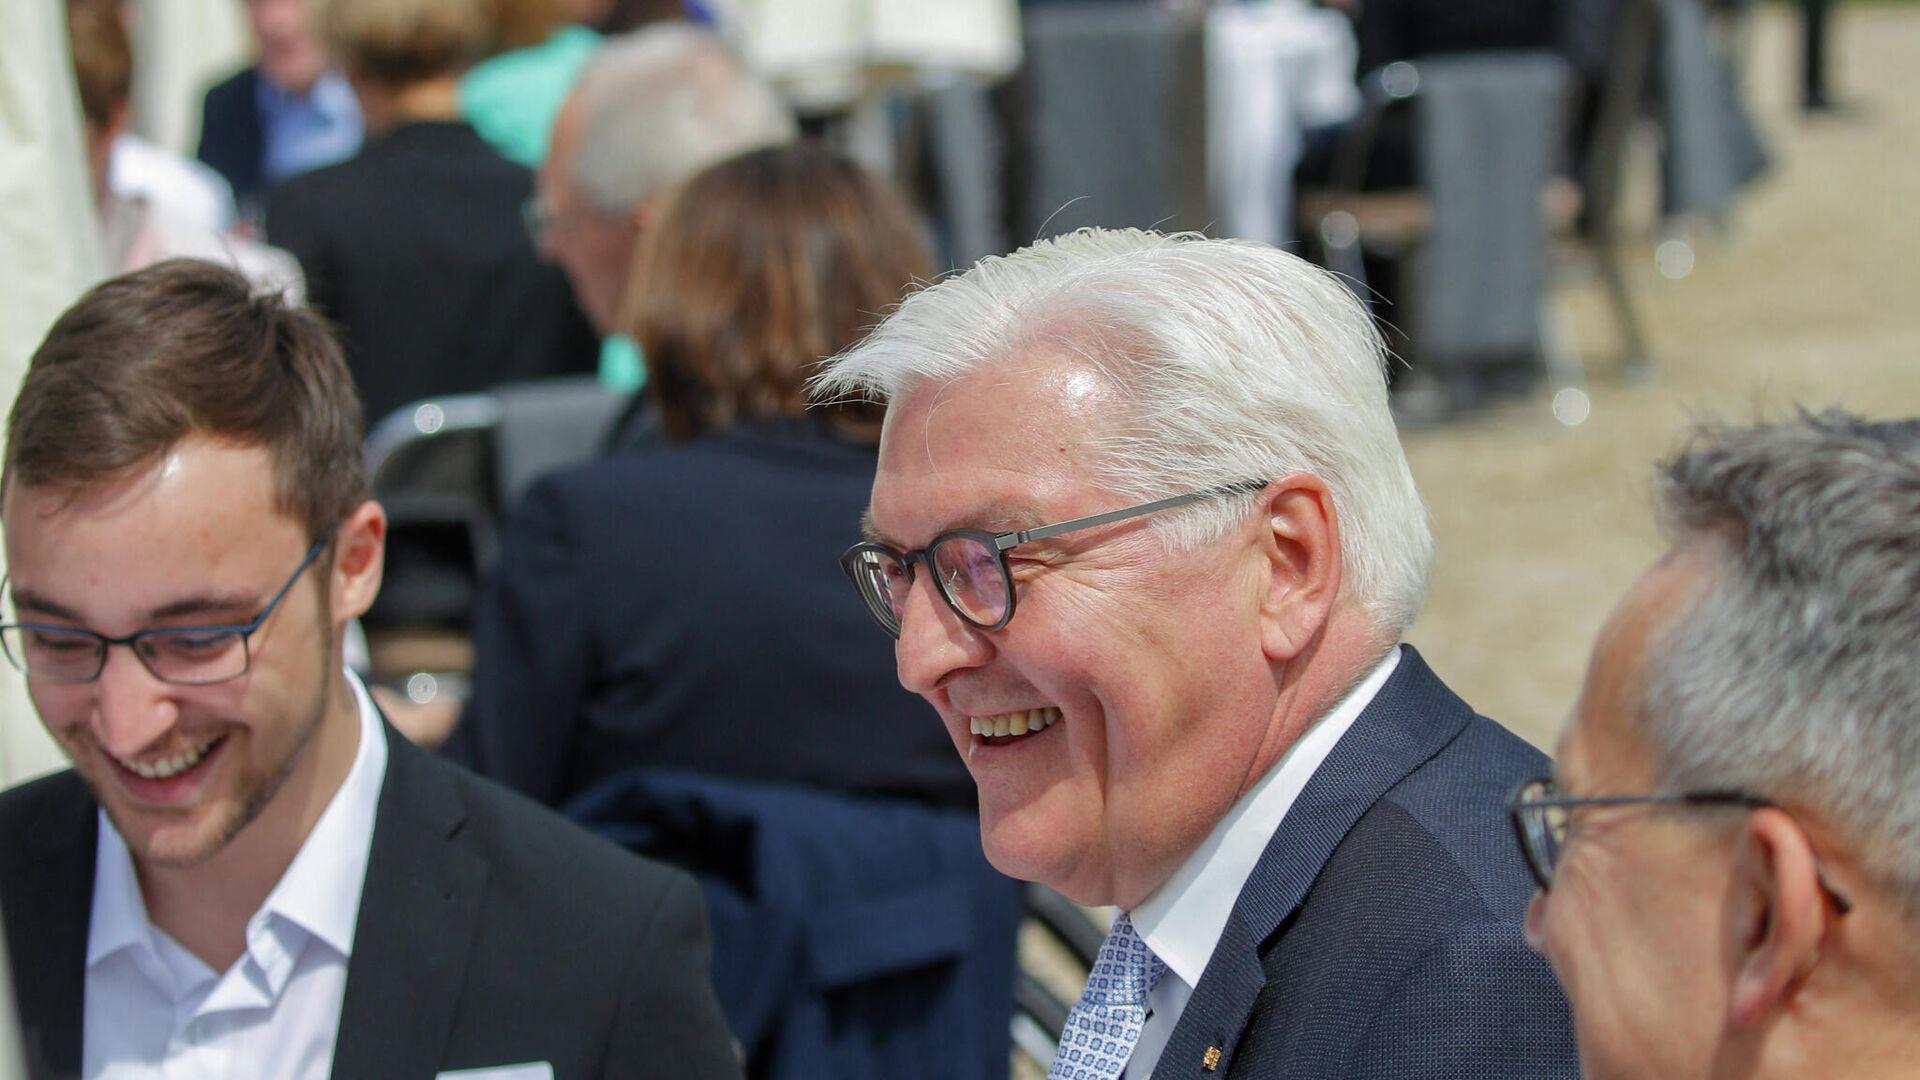 Bundespräsident Frank-Walter Steinmeier (M) bei einem Empfang anlässlich des 70. Jahrestages des Grundgesetzes der Bundesrepublik Deutschland. berlin, 23. Mai 2019 - SNA, 1920, 25.02.2021